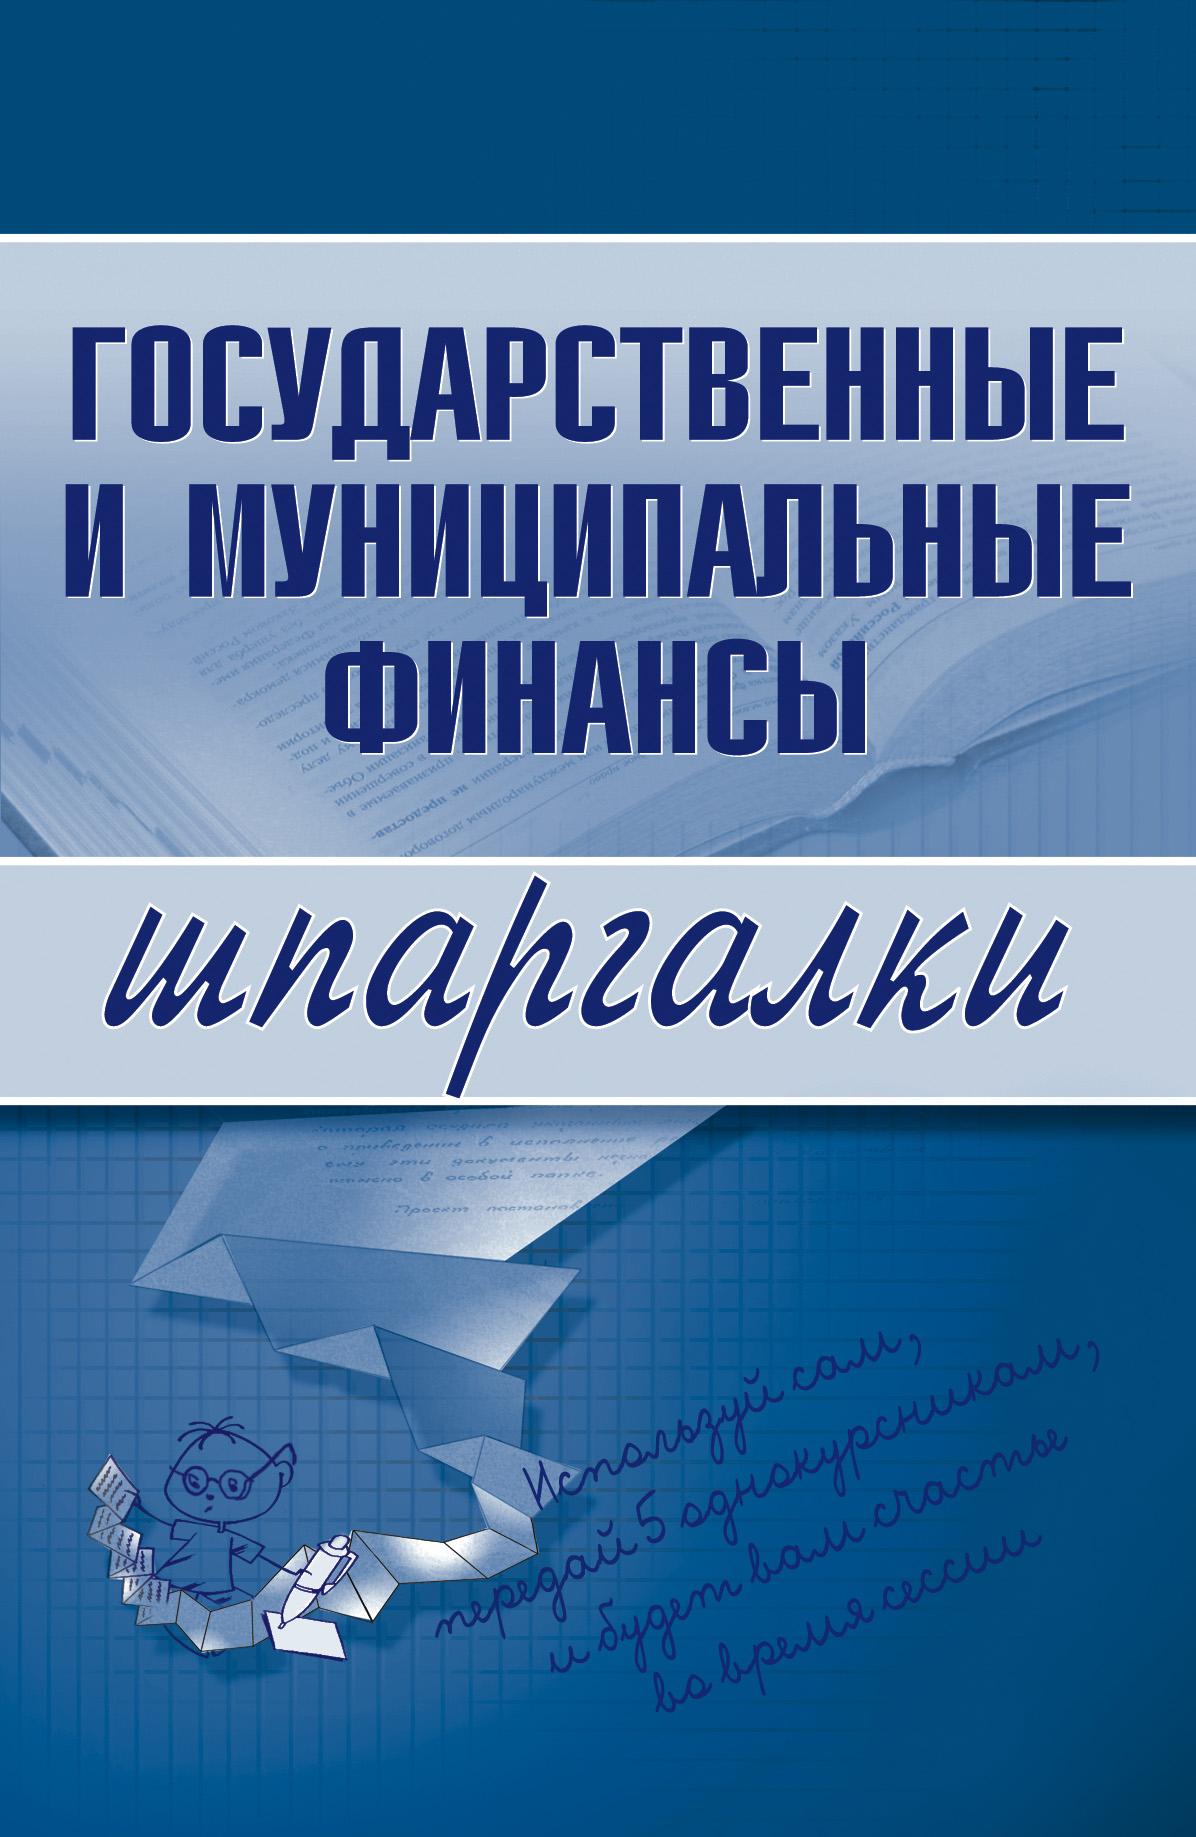 Отсутствует Государственные и муниципальные финансы отсутствует финансы и кредит 19 691 2016